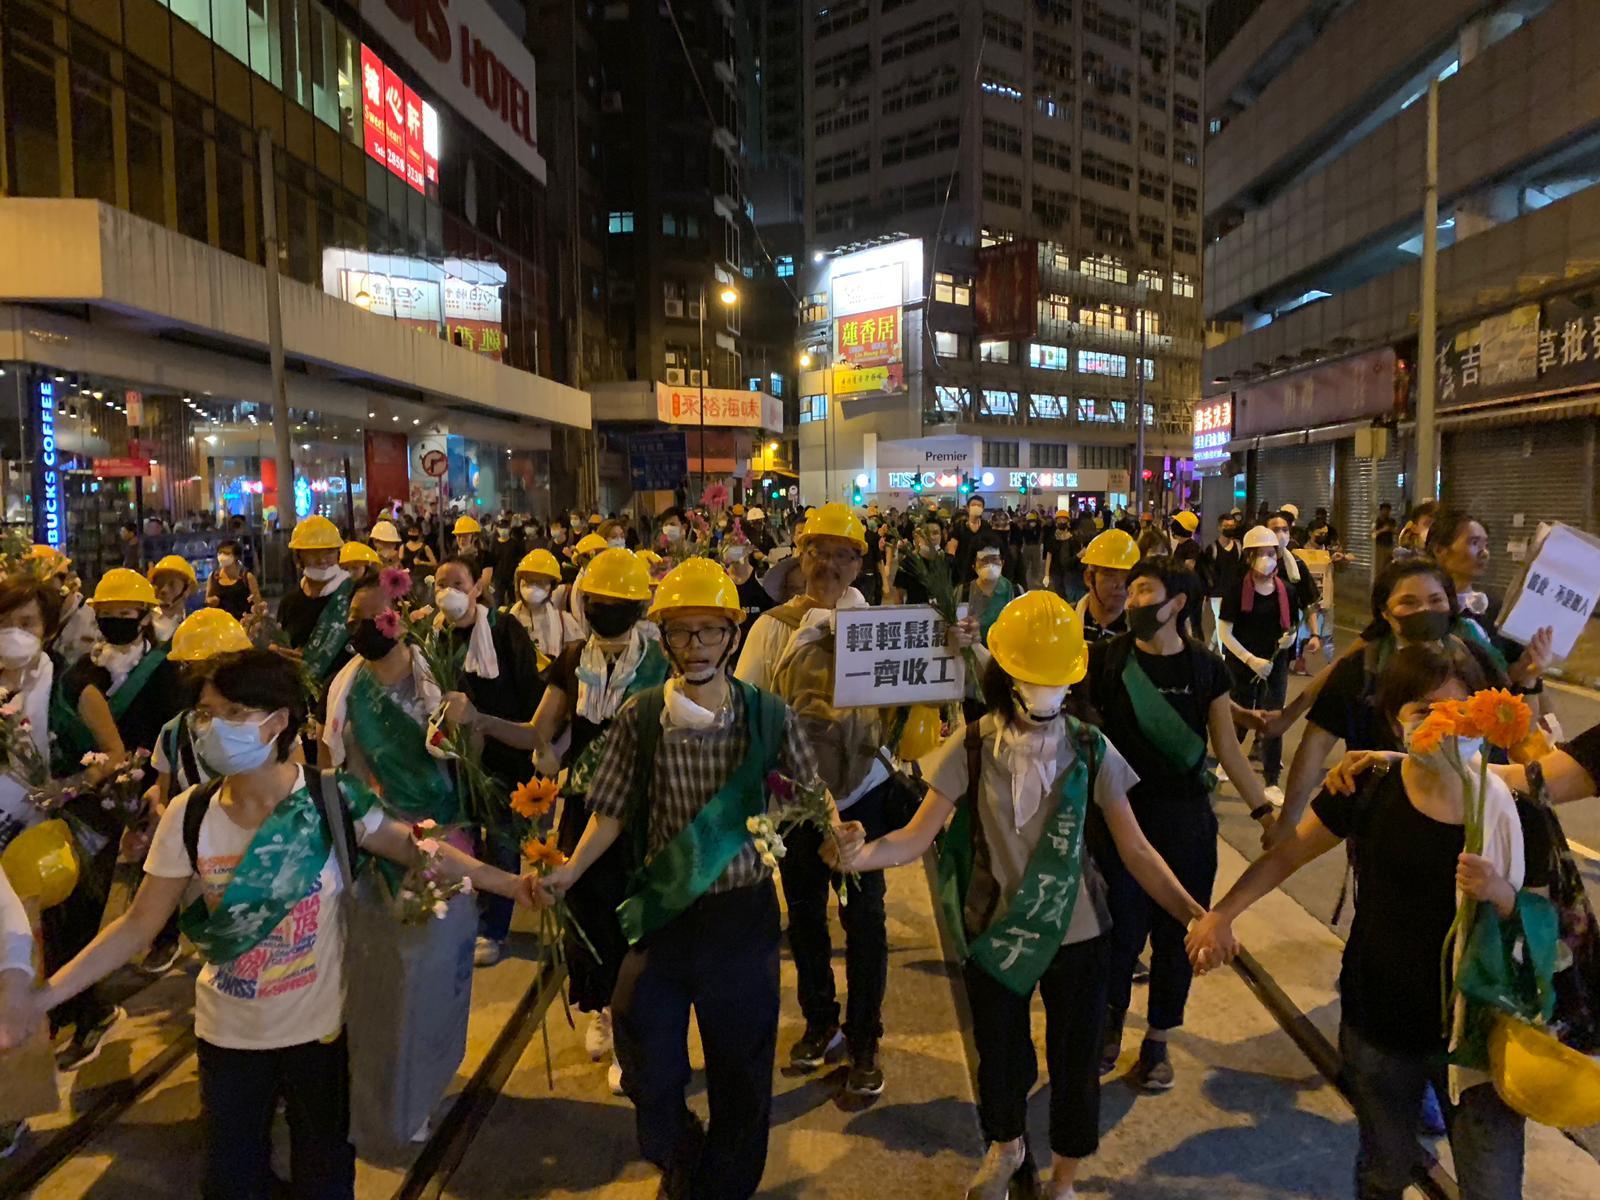 示威者陸續撤退。